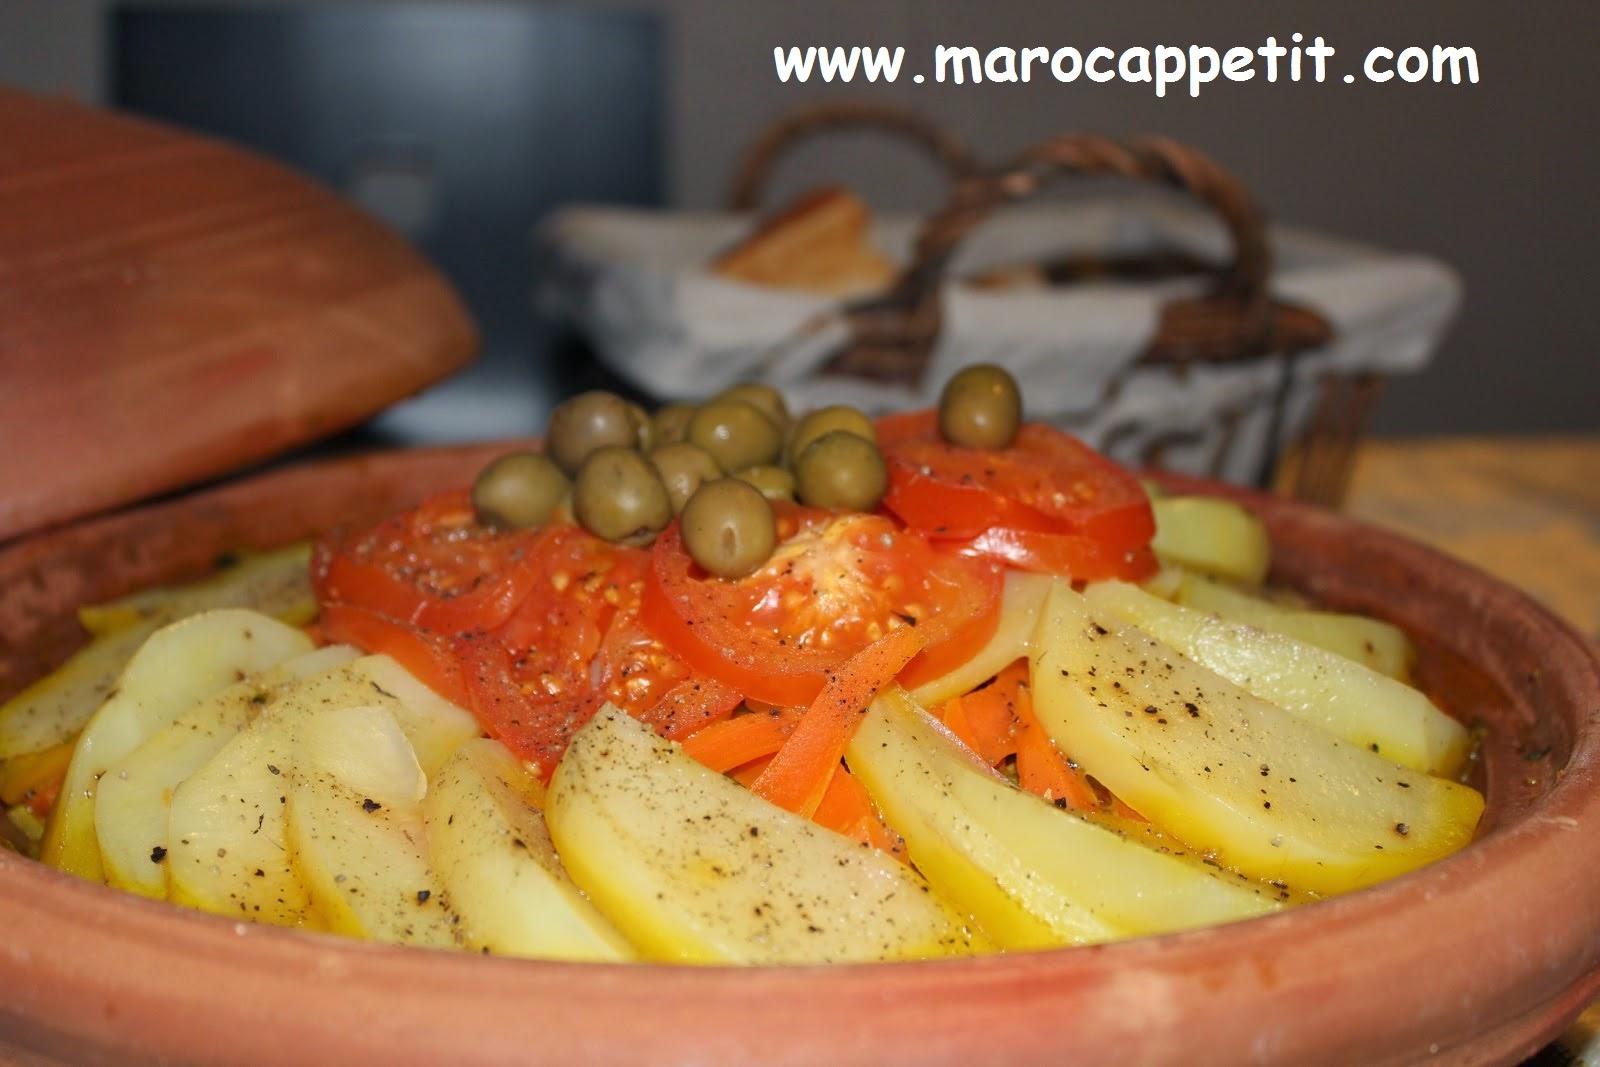 Tagine de pommes de terre et olives |Tagine of potatoes and olives